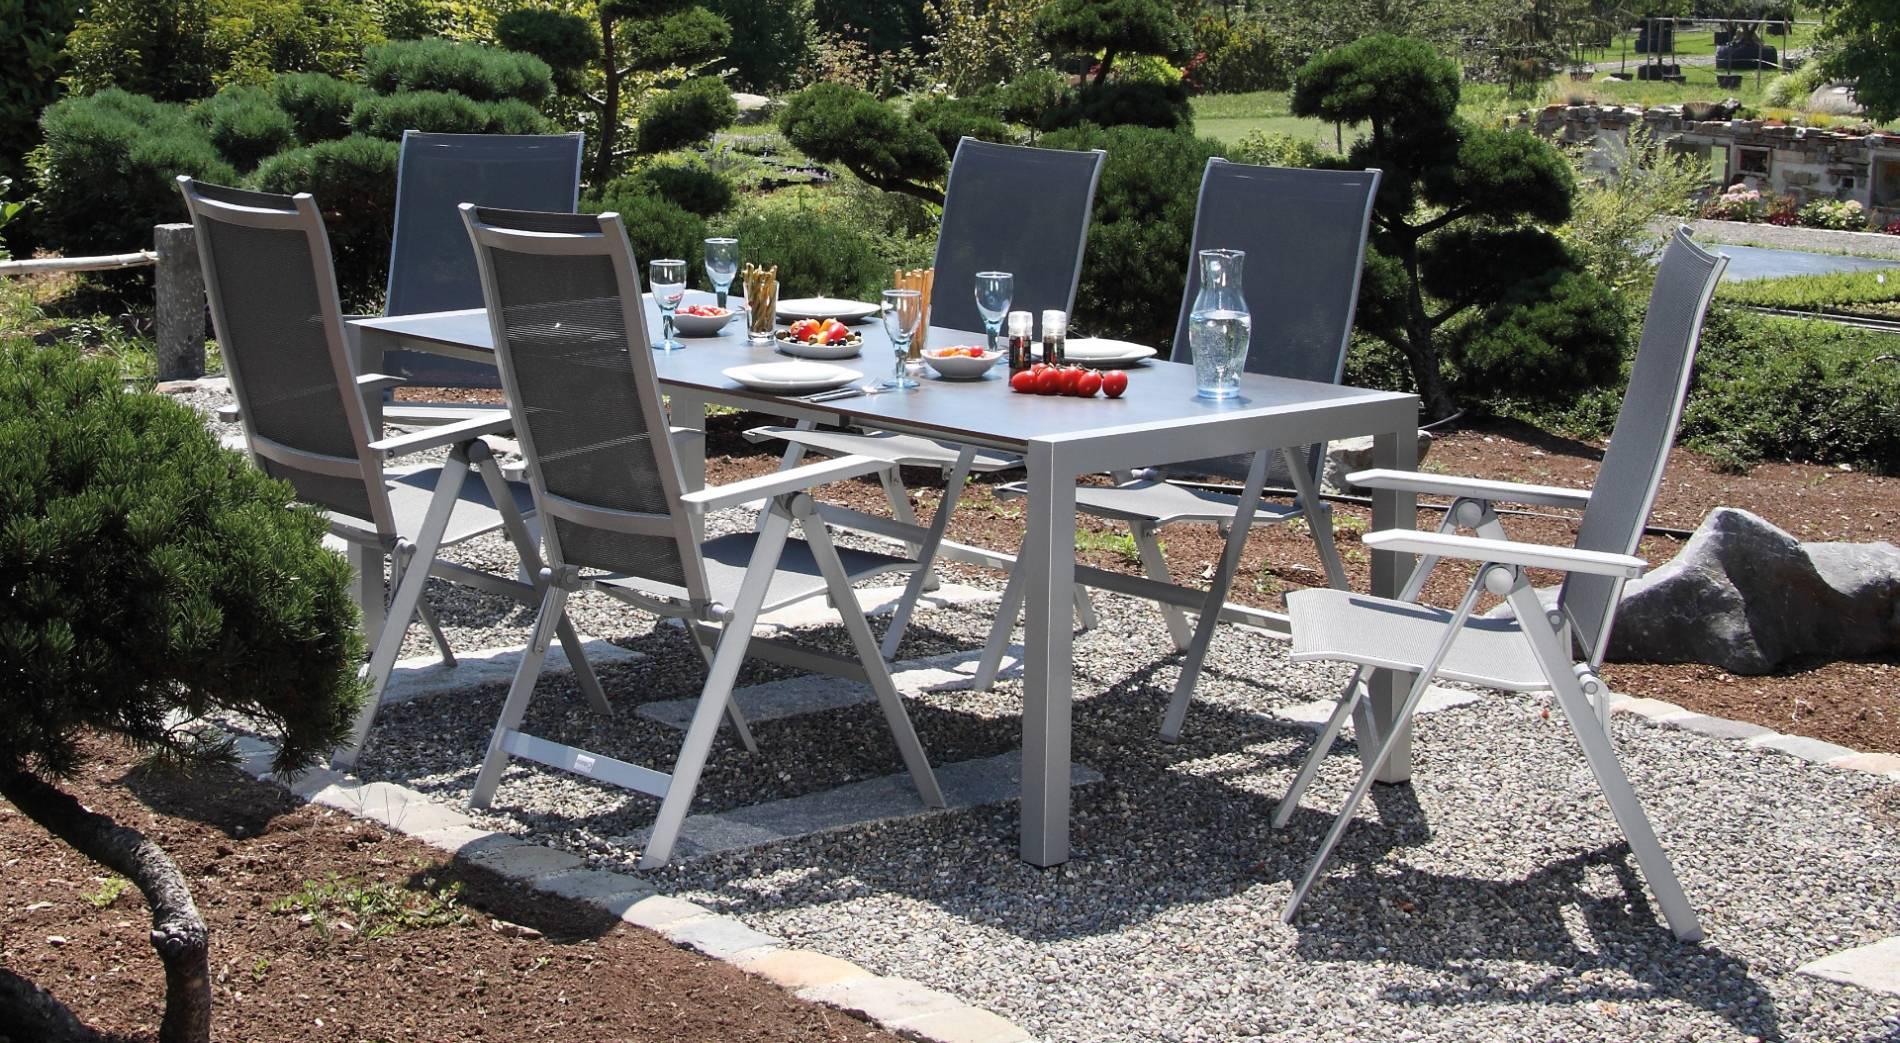 acamp Gartenmöbelset 4x Urban Klappsessel 56863 und 1x Tisch 56701 Extensio 180 x 98 cm